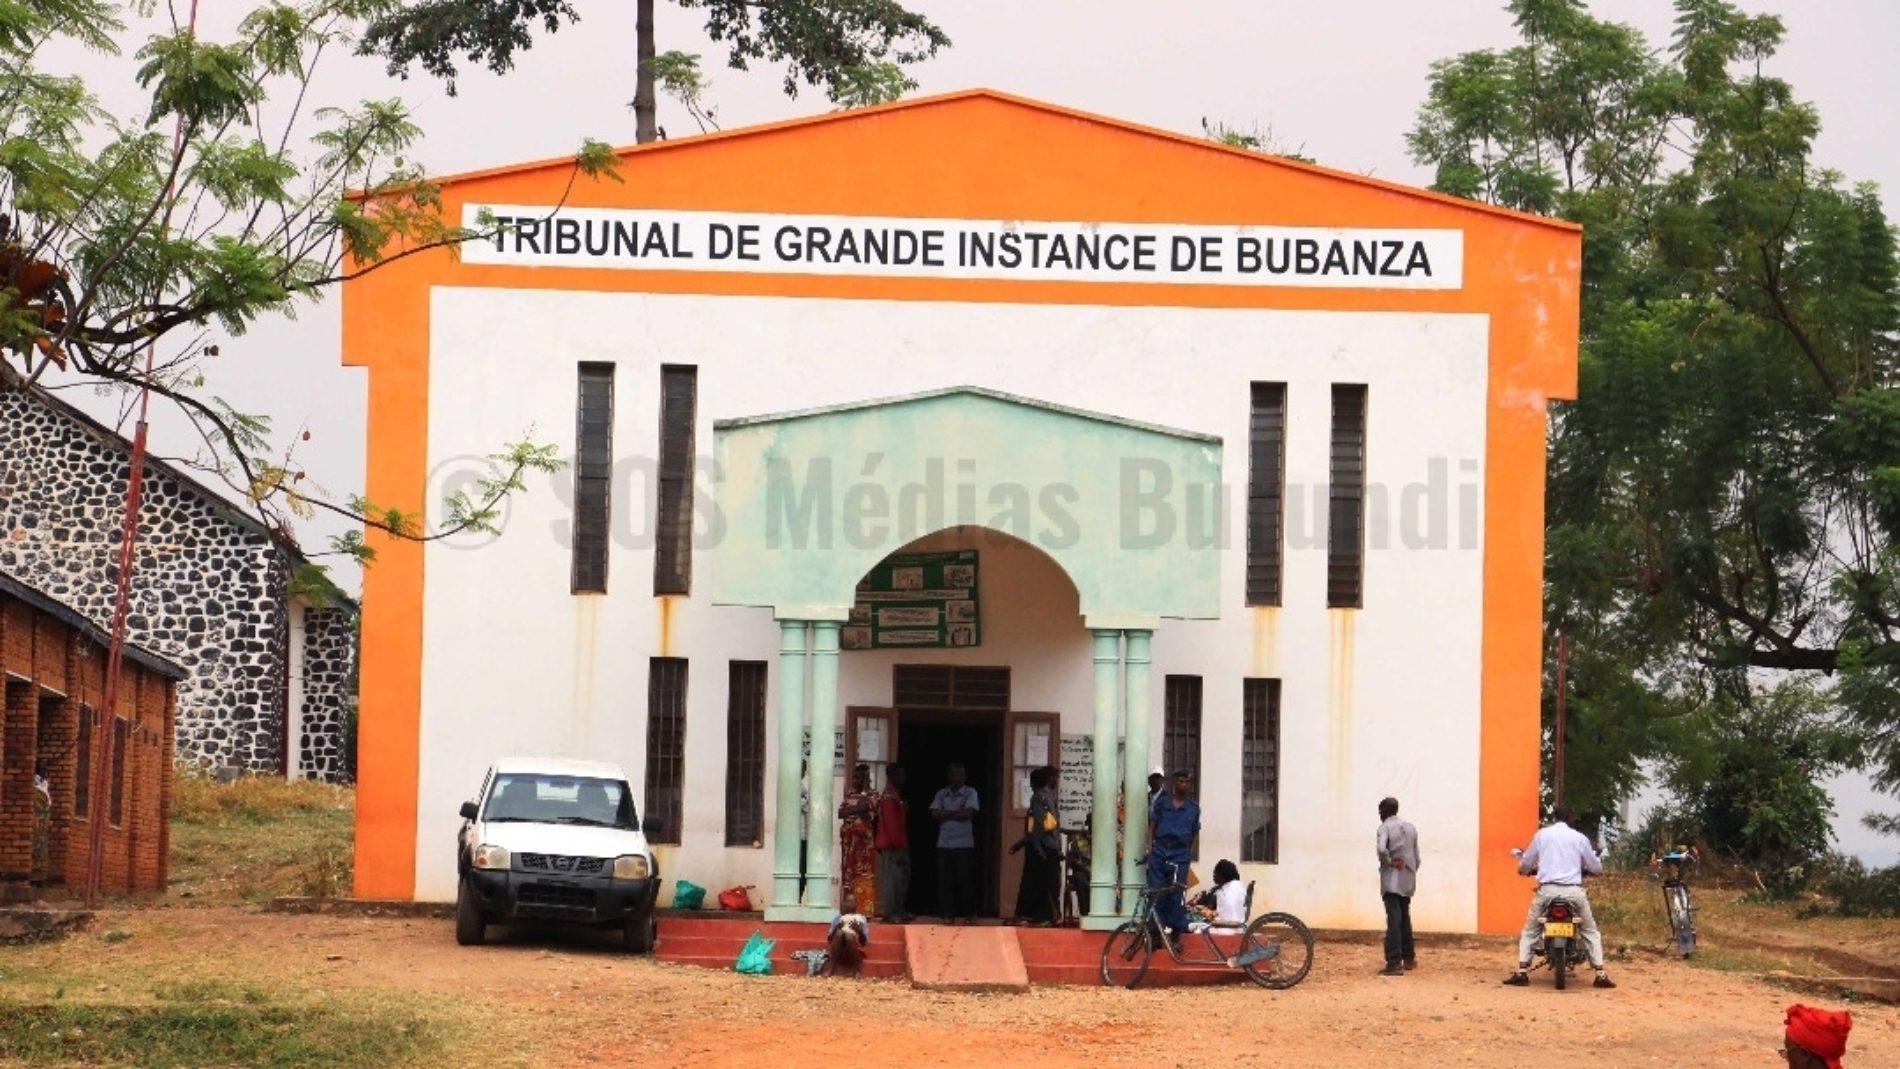 Bubanza : des habitants et défenseurs de droits de l'homme dénoncent l'acquittement d'un policier accusé de meurtre